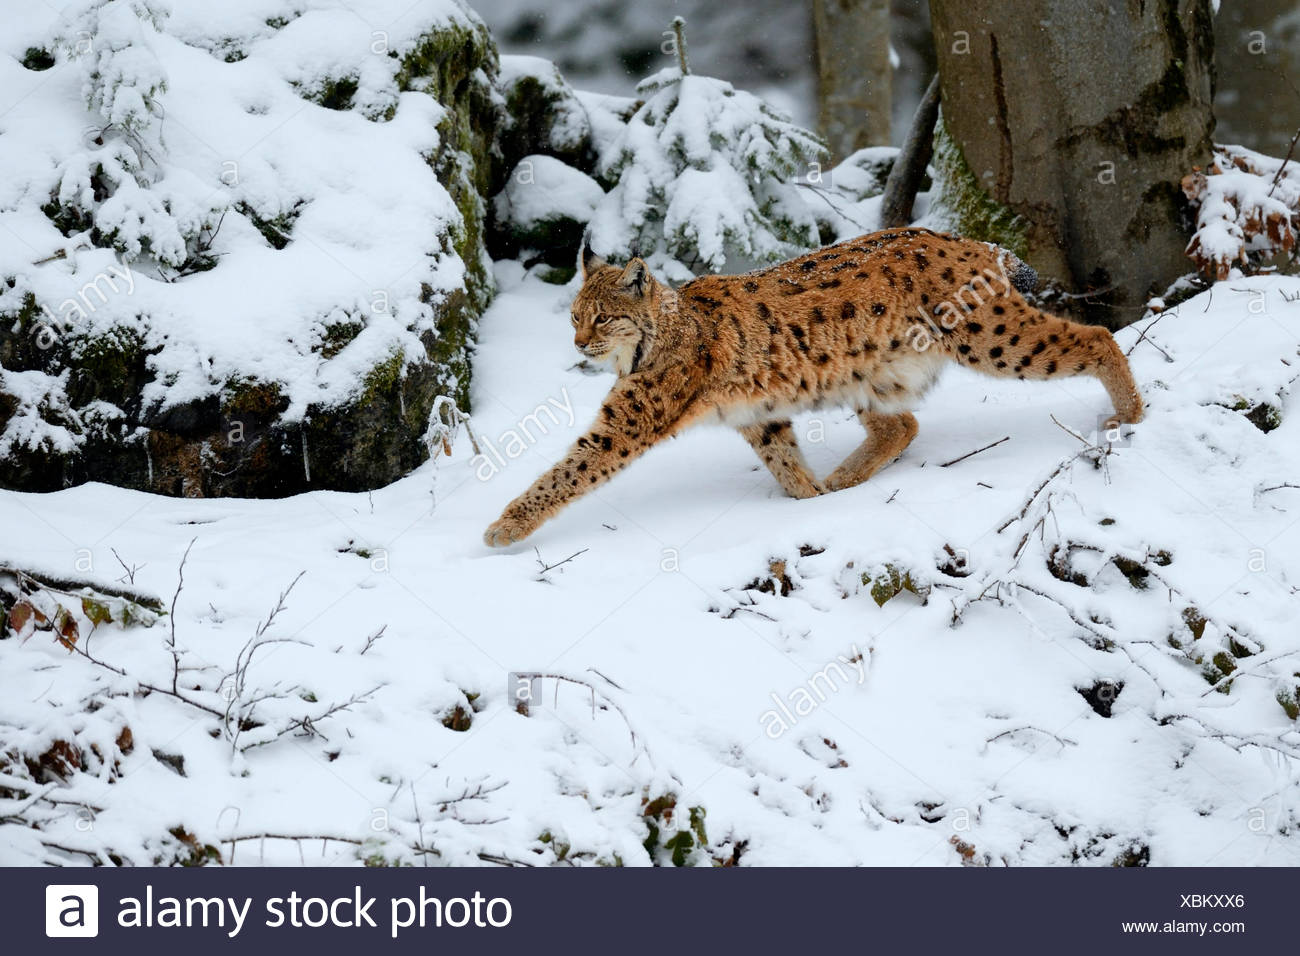 Lynx or Northern lynx (Lynx lynx) walks through the fresh snow